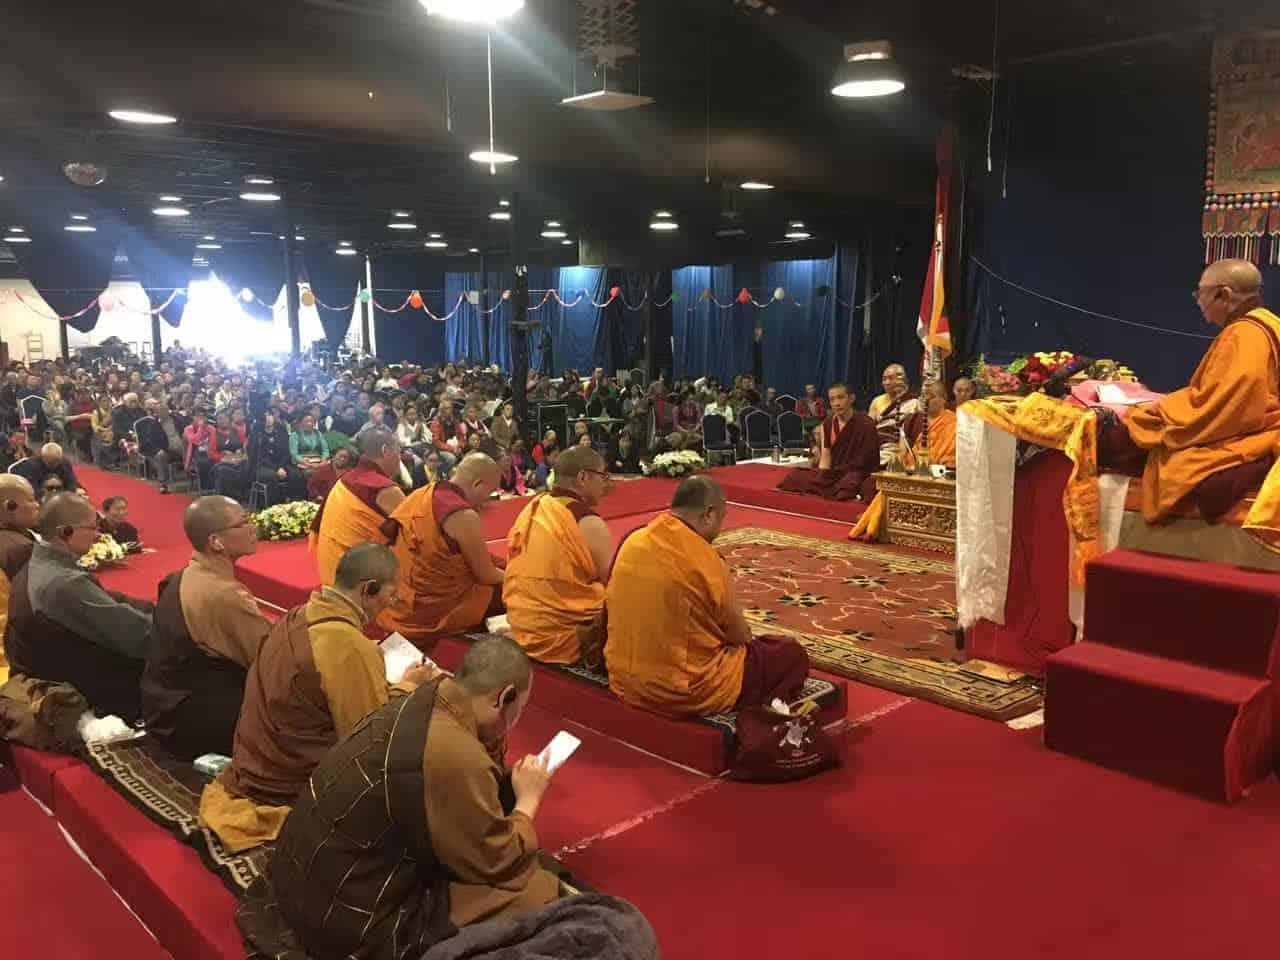 Gosok Rinpoche Toronto 2017-04 006 3aedfb684d7eab61cc0aa2c056bb5d8